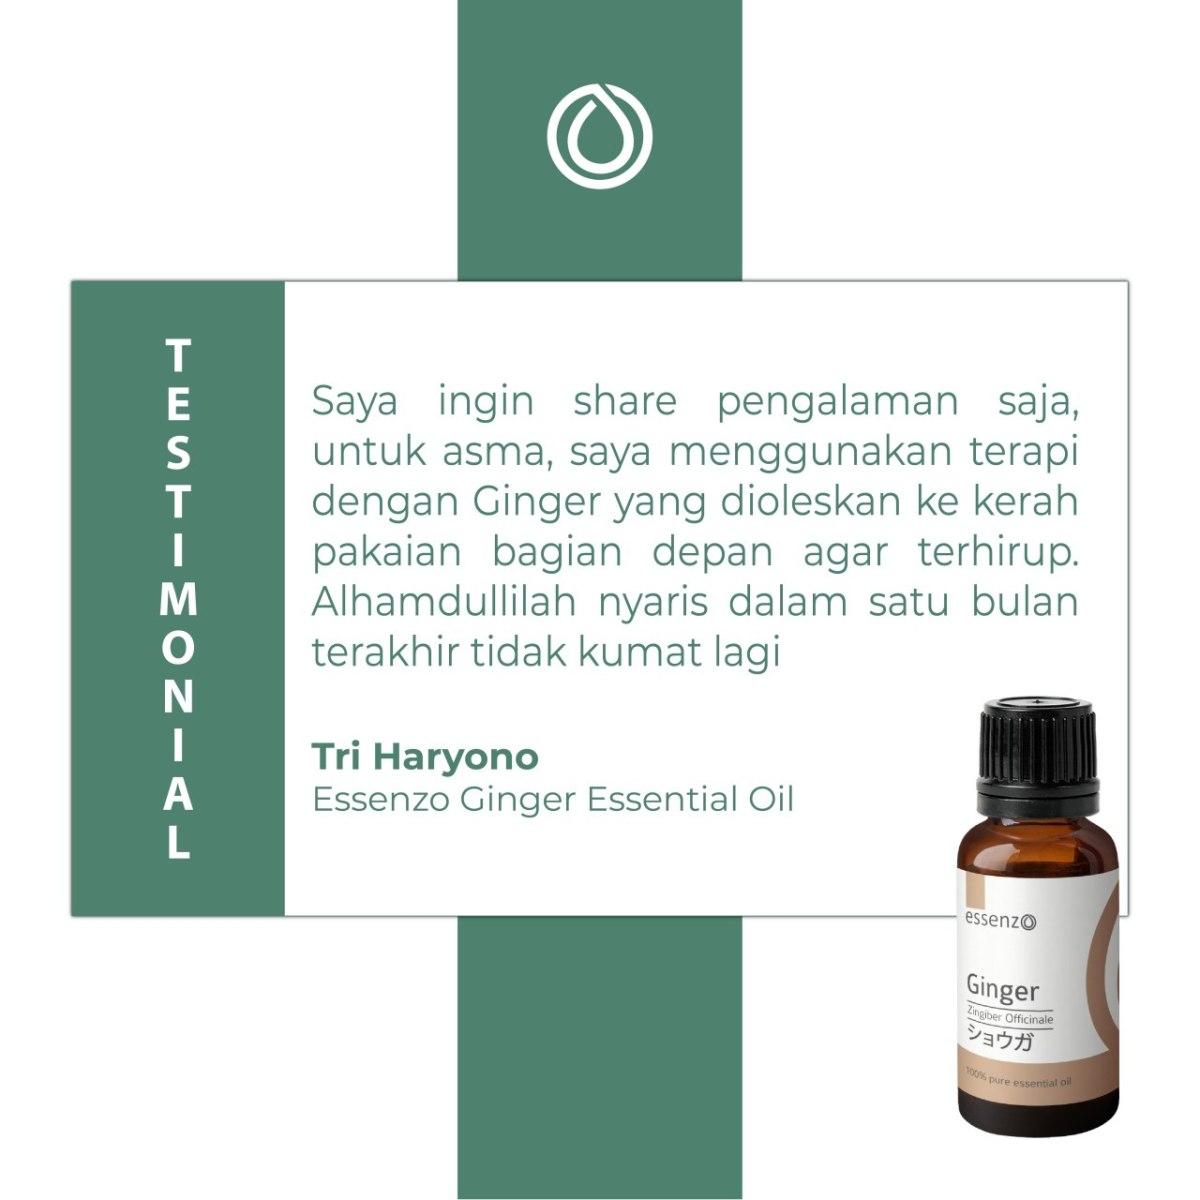 Solusi Essenzo essential oil Mengatasi sakit secarapraktis